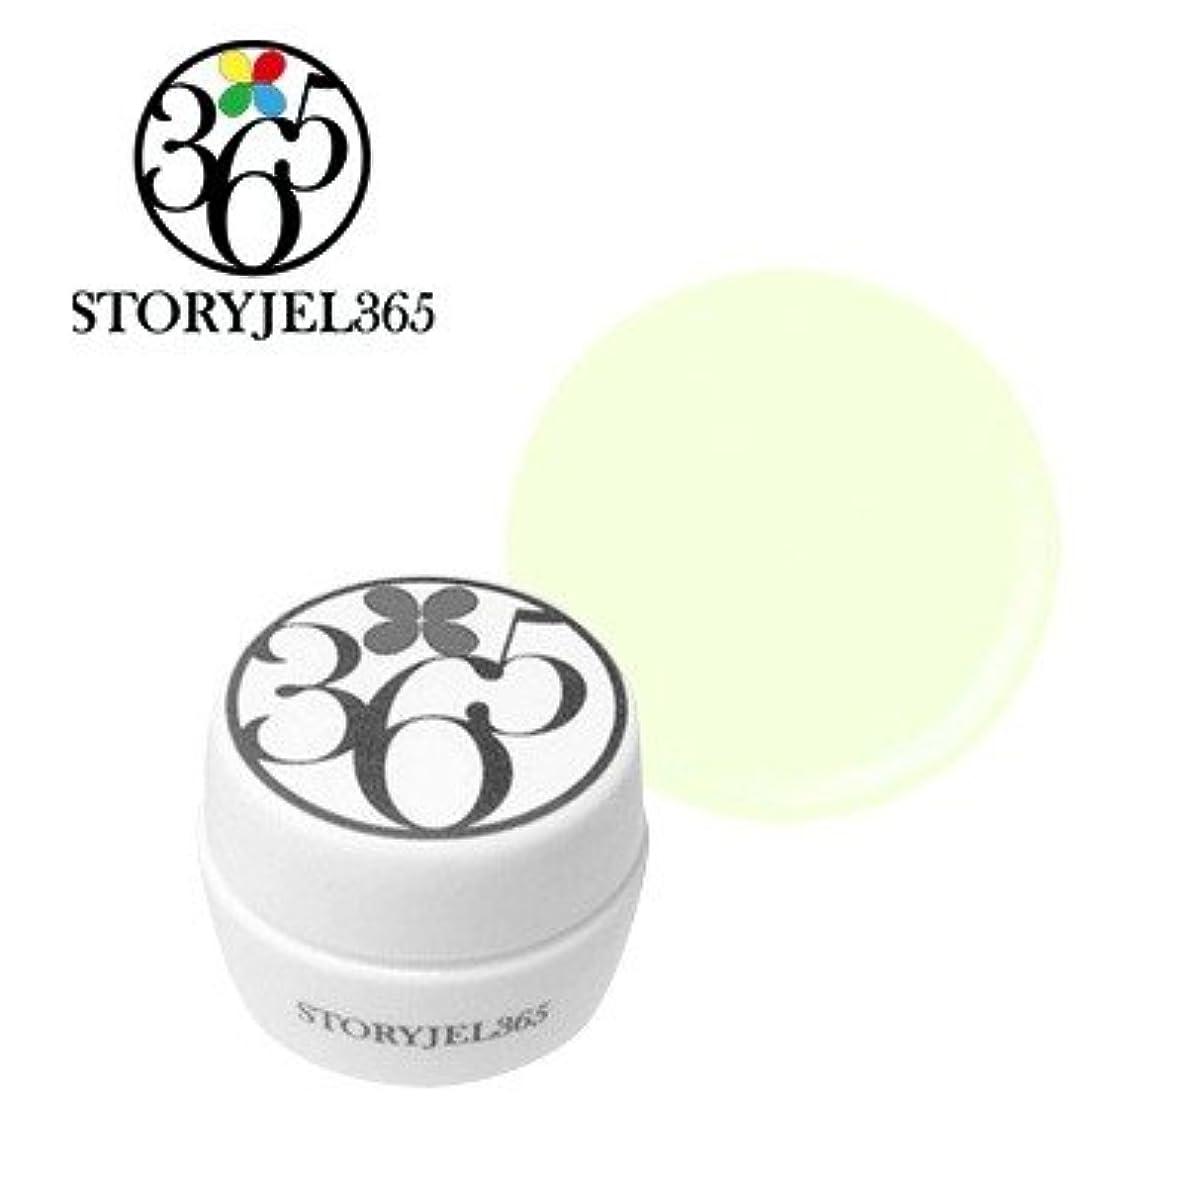 モザイクキャップ言語STORYJEL365 カラージェル SJM-107P シャーベットレモン5g